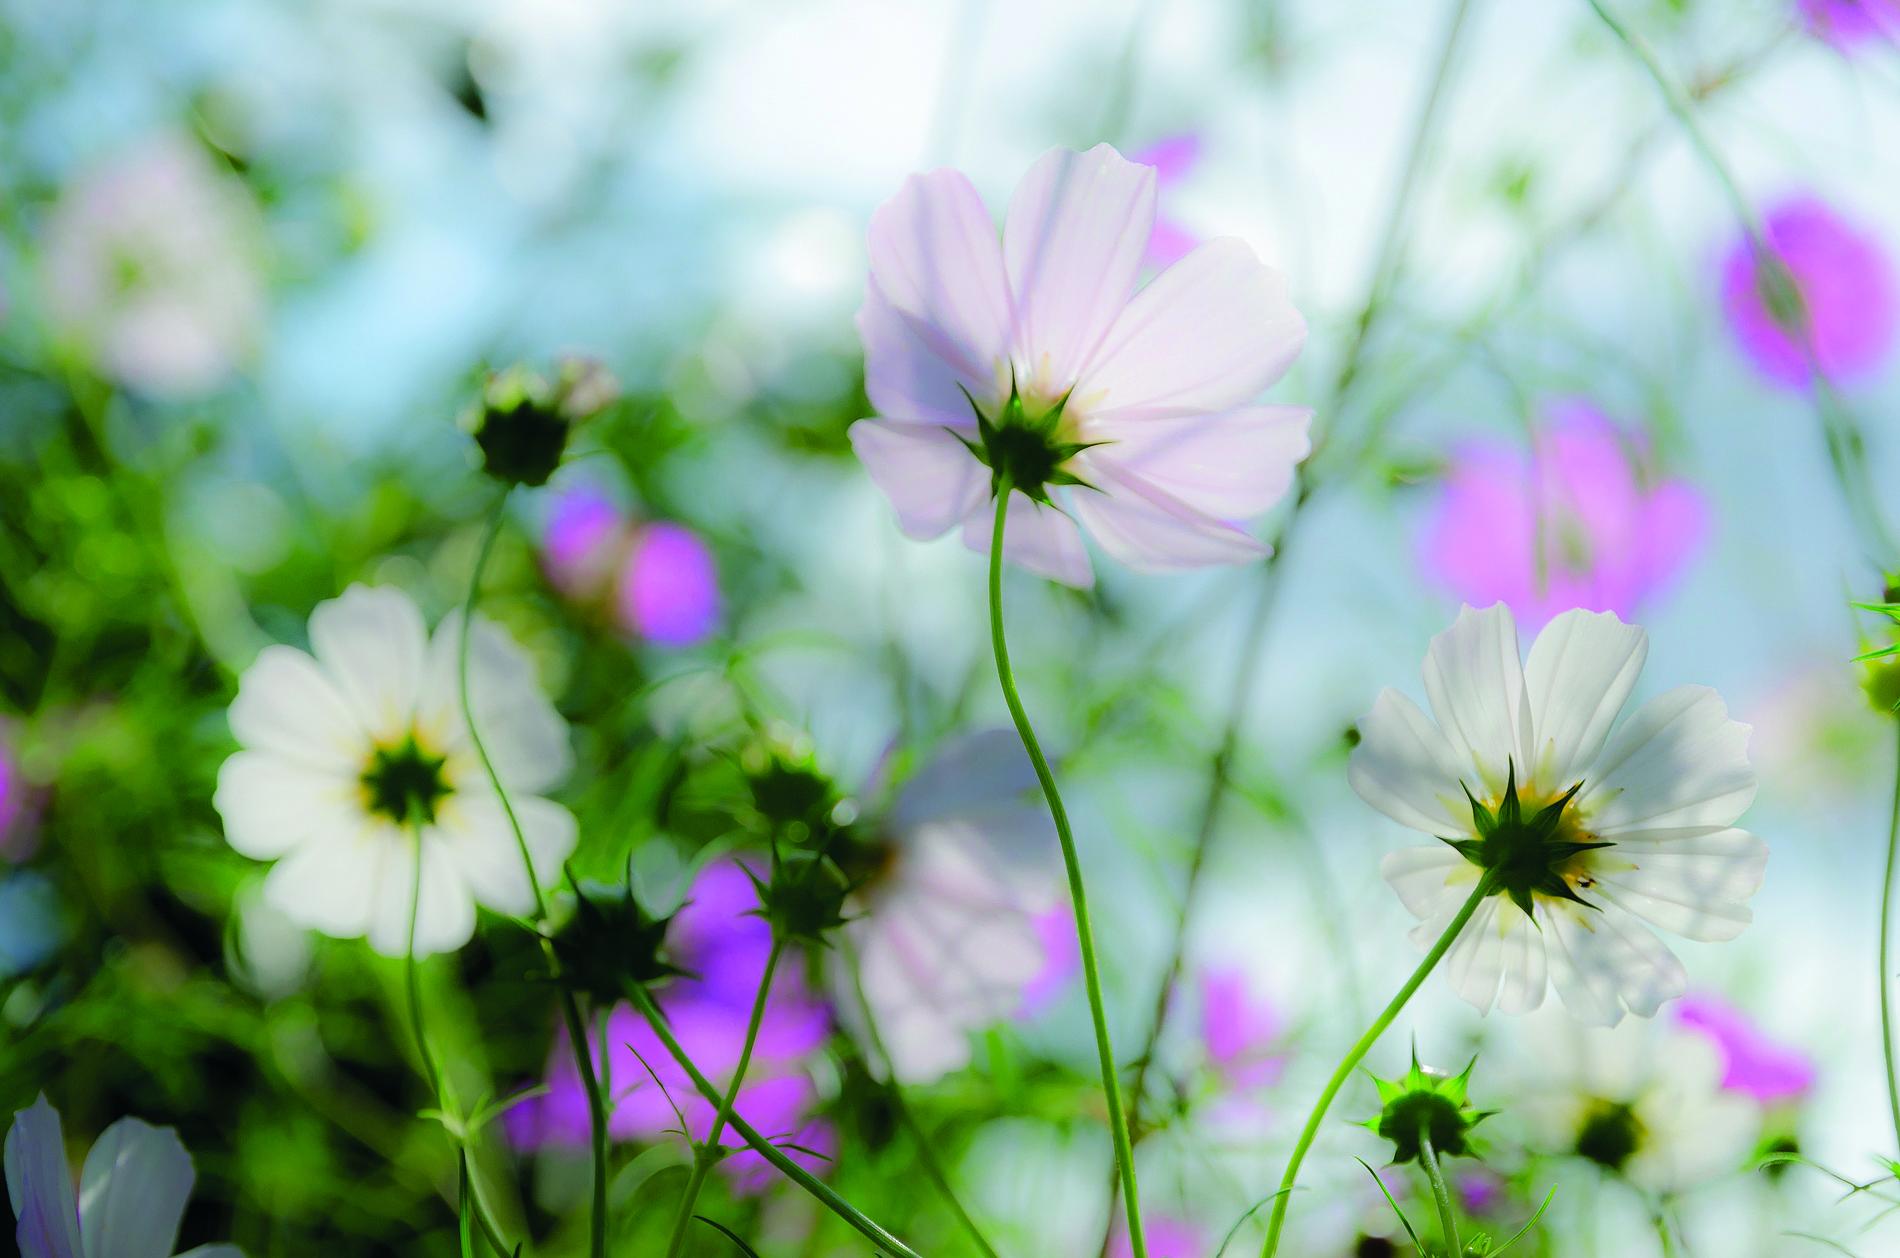 Flowerbed in spring, Sofia, Bulgaria. © JW Amsterdam